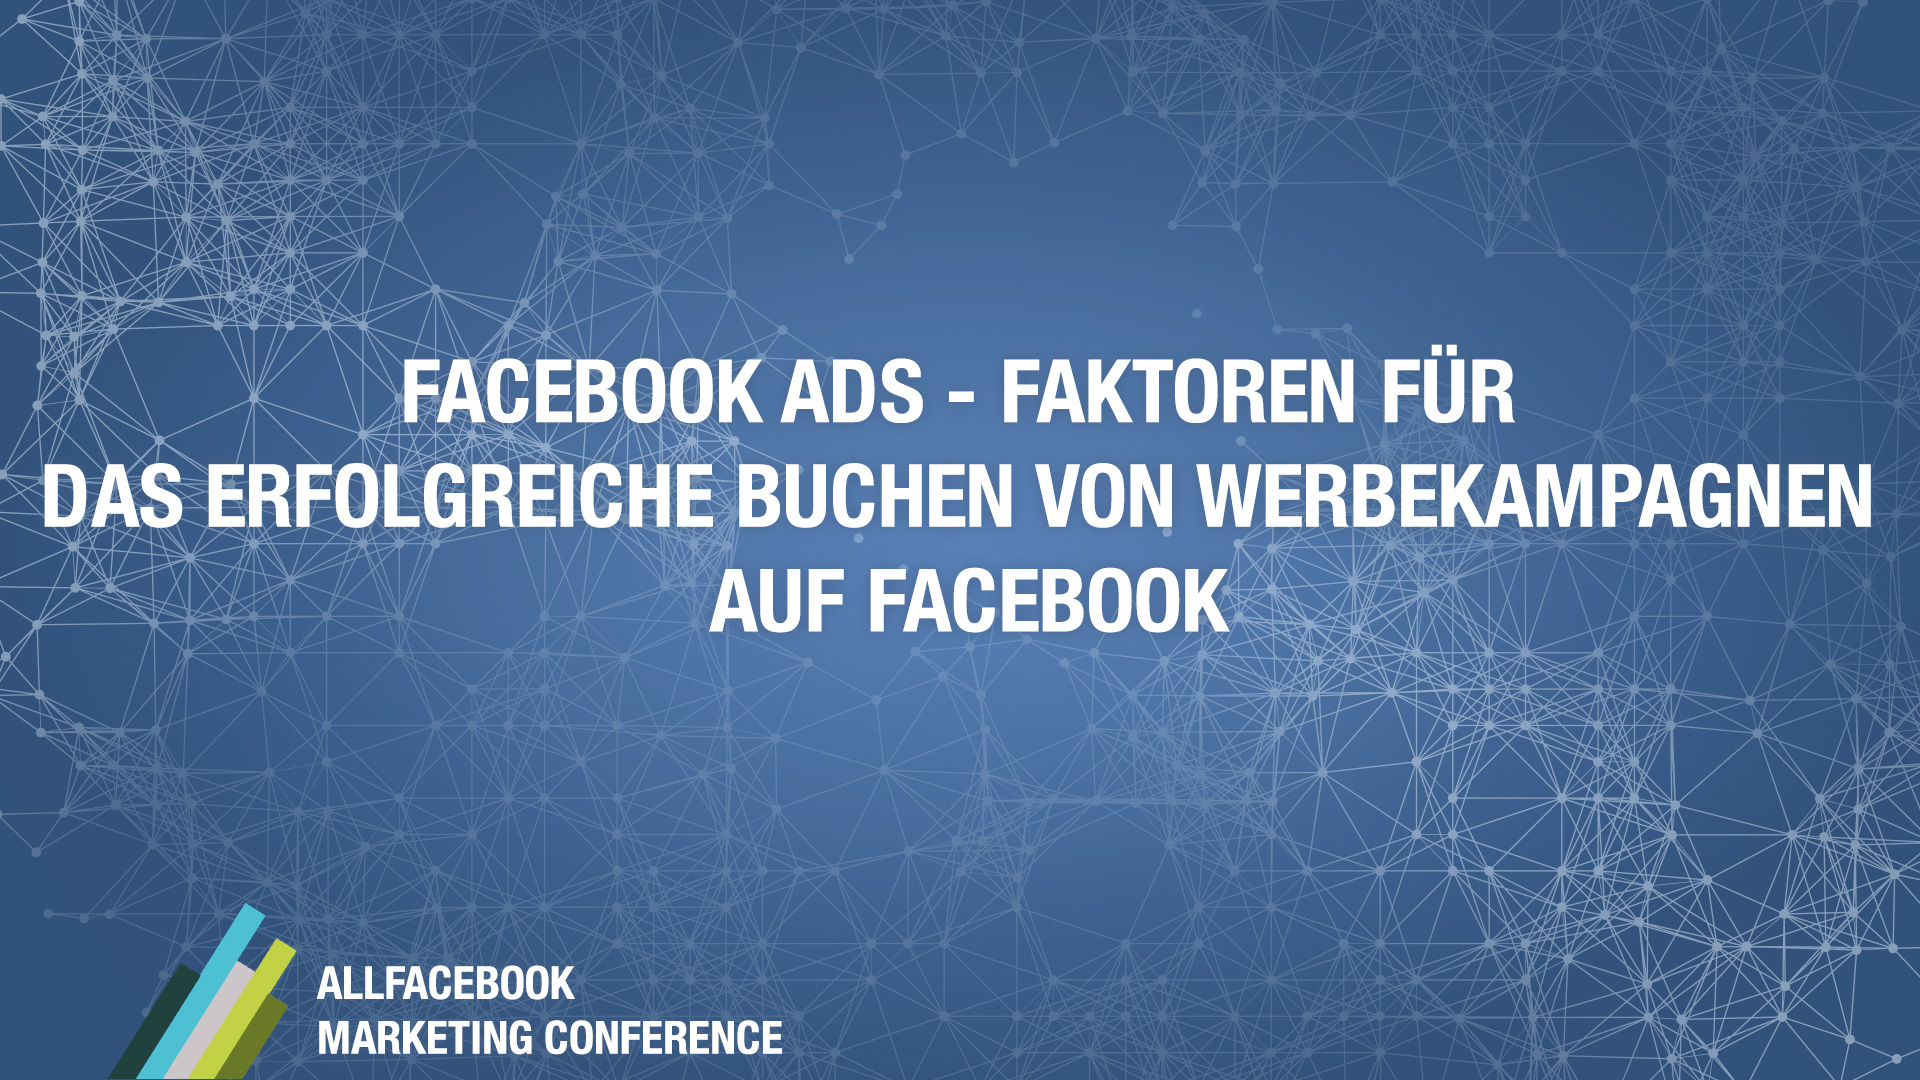 Facebook Ads – Faktoren für das erfolgreiche Buchen von Werbekampagnen auf Facebook @ AllFacebook Marketing Conference